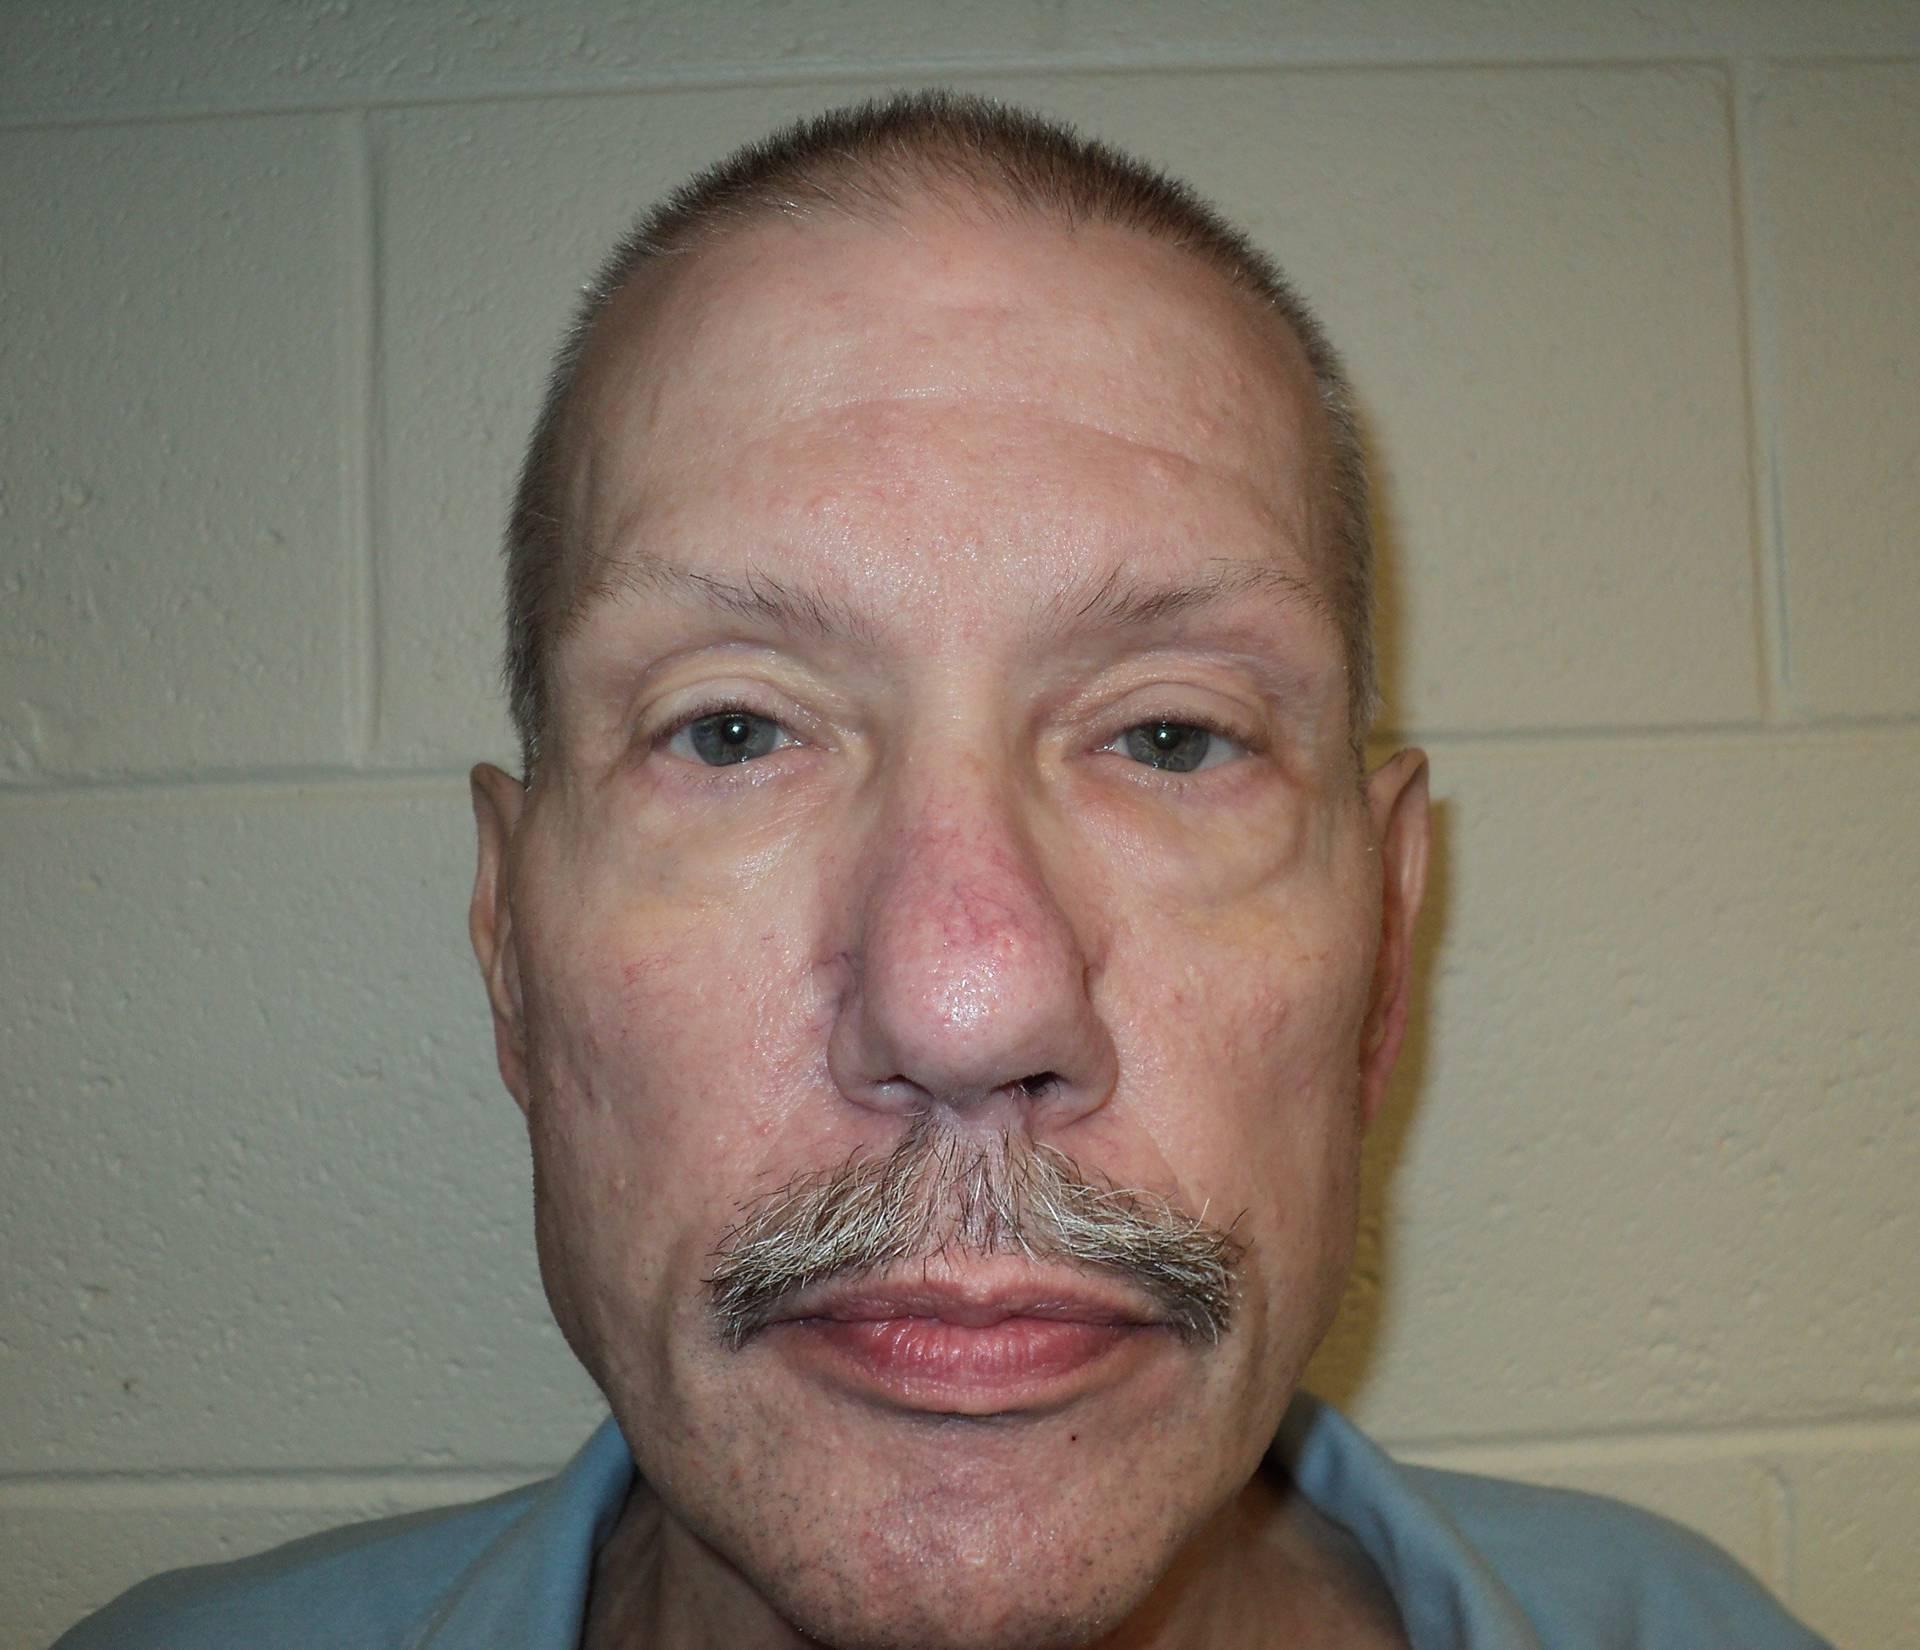 Nevin bio u zatvoru 33 godine: Tvrdili da je ubojica i silovatelj